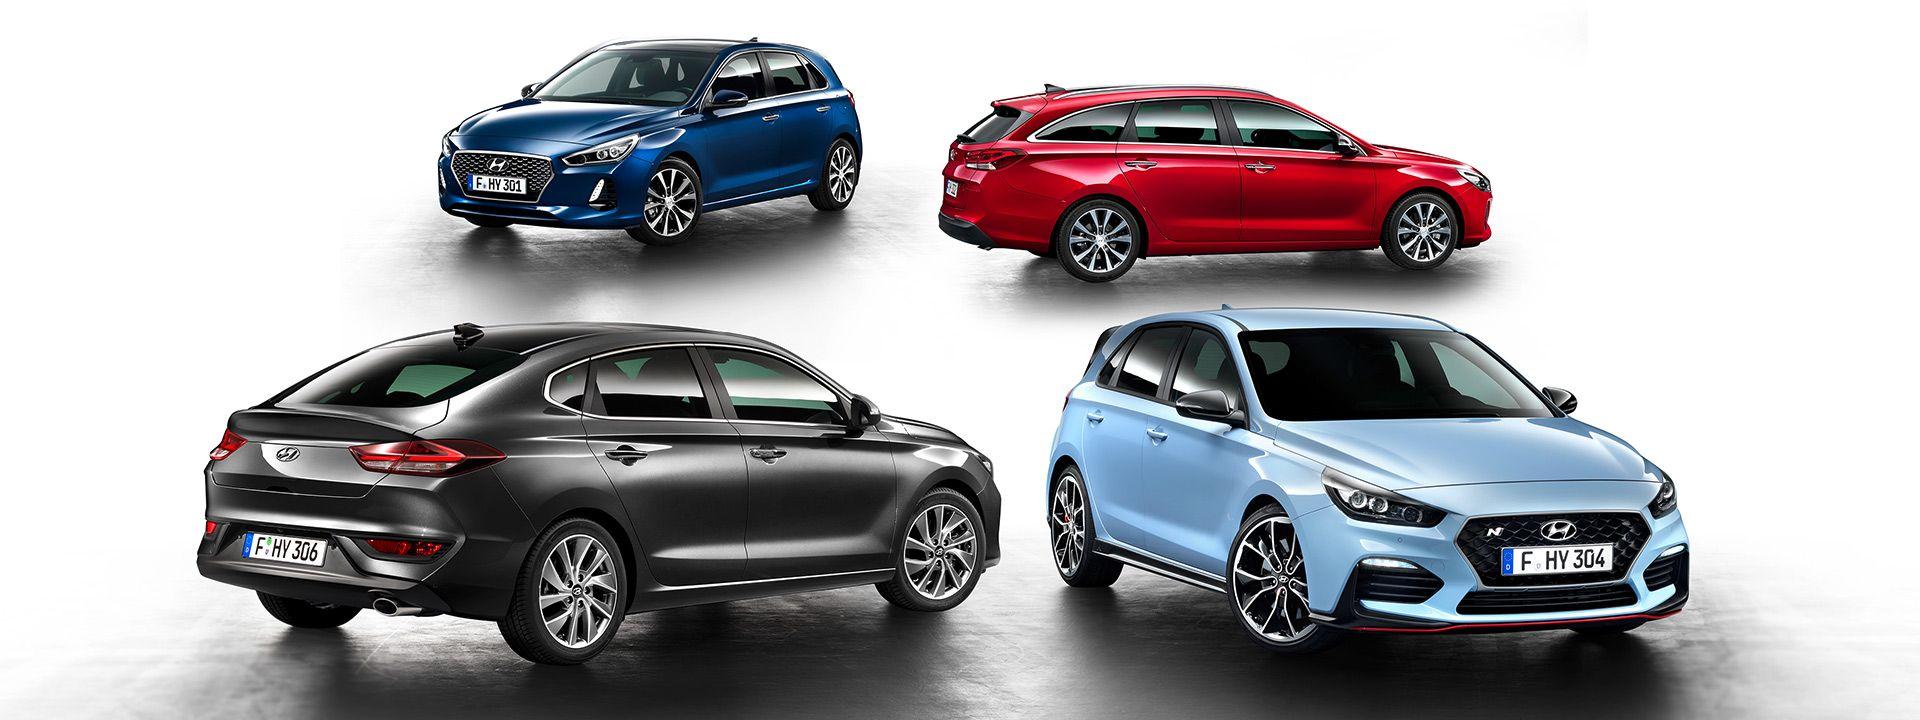 Importantes novedades de Hyundai Motor en el Salón de Frankfurt